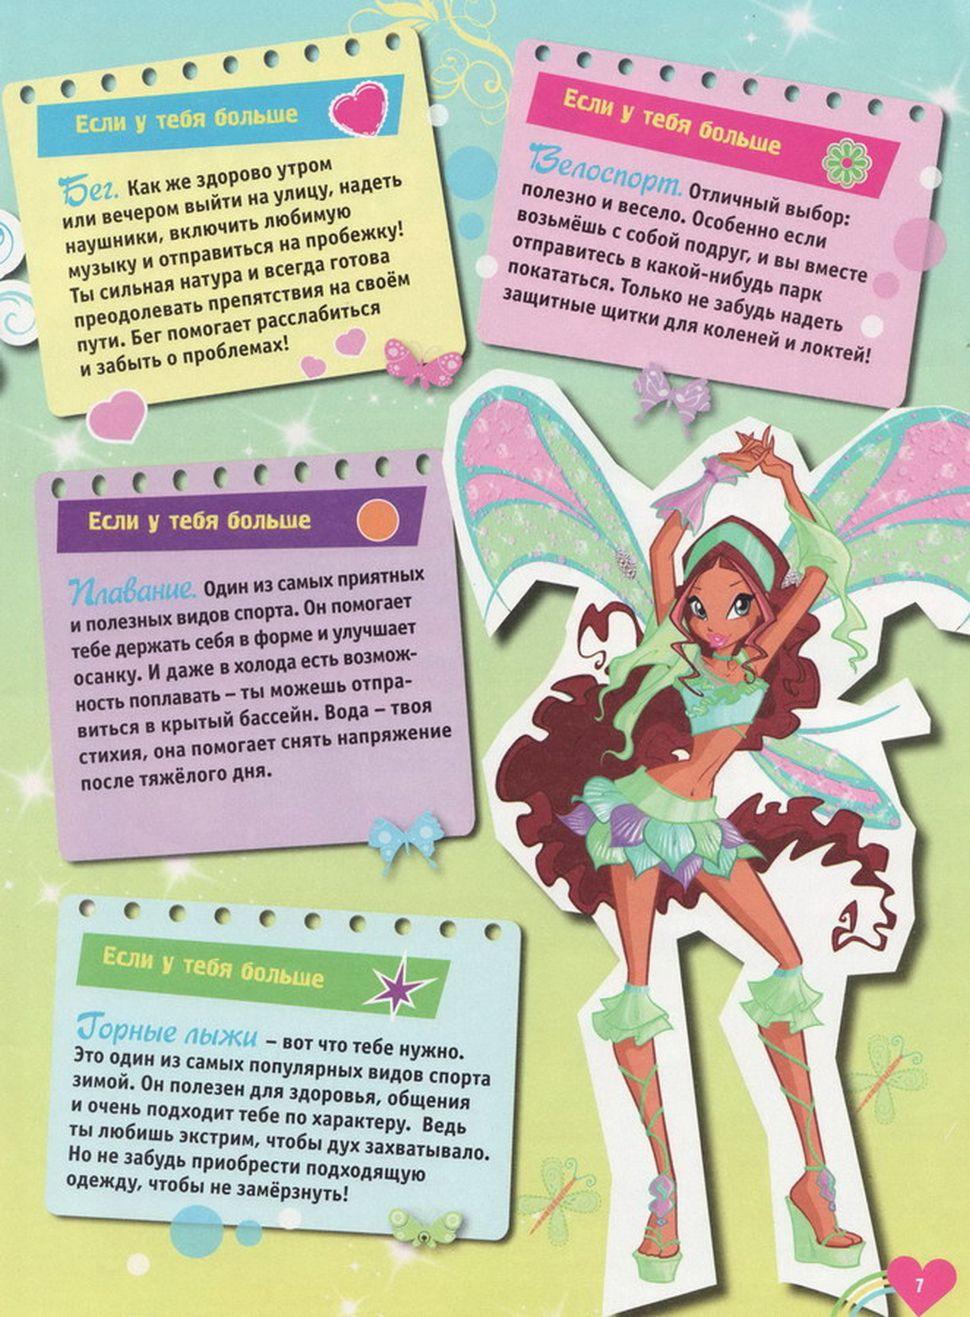 Комикс Винкс Winx - Клуб вампиров (Журнал Винкс №12 2012)